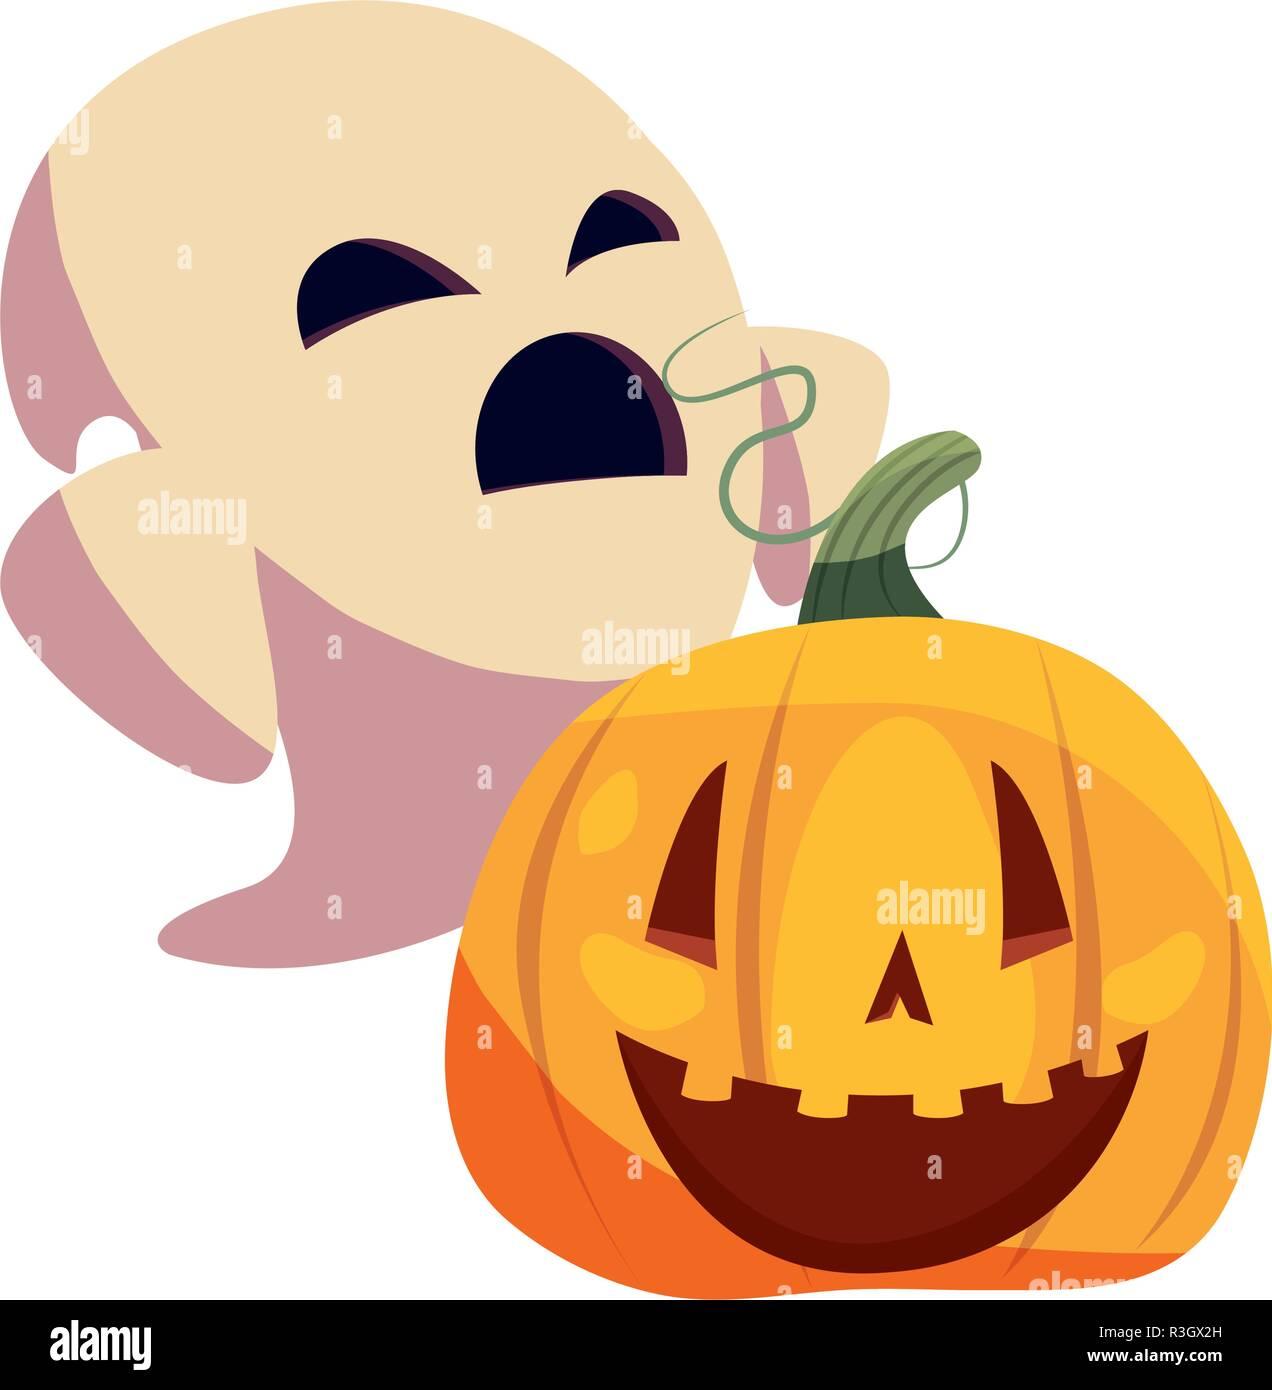 Halloween Pumpkin Vector Art.Halloween Ghost With Pumpkin Vector Illustration Stock